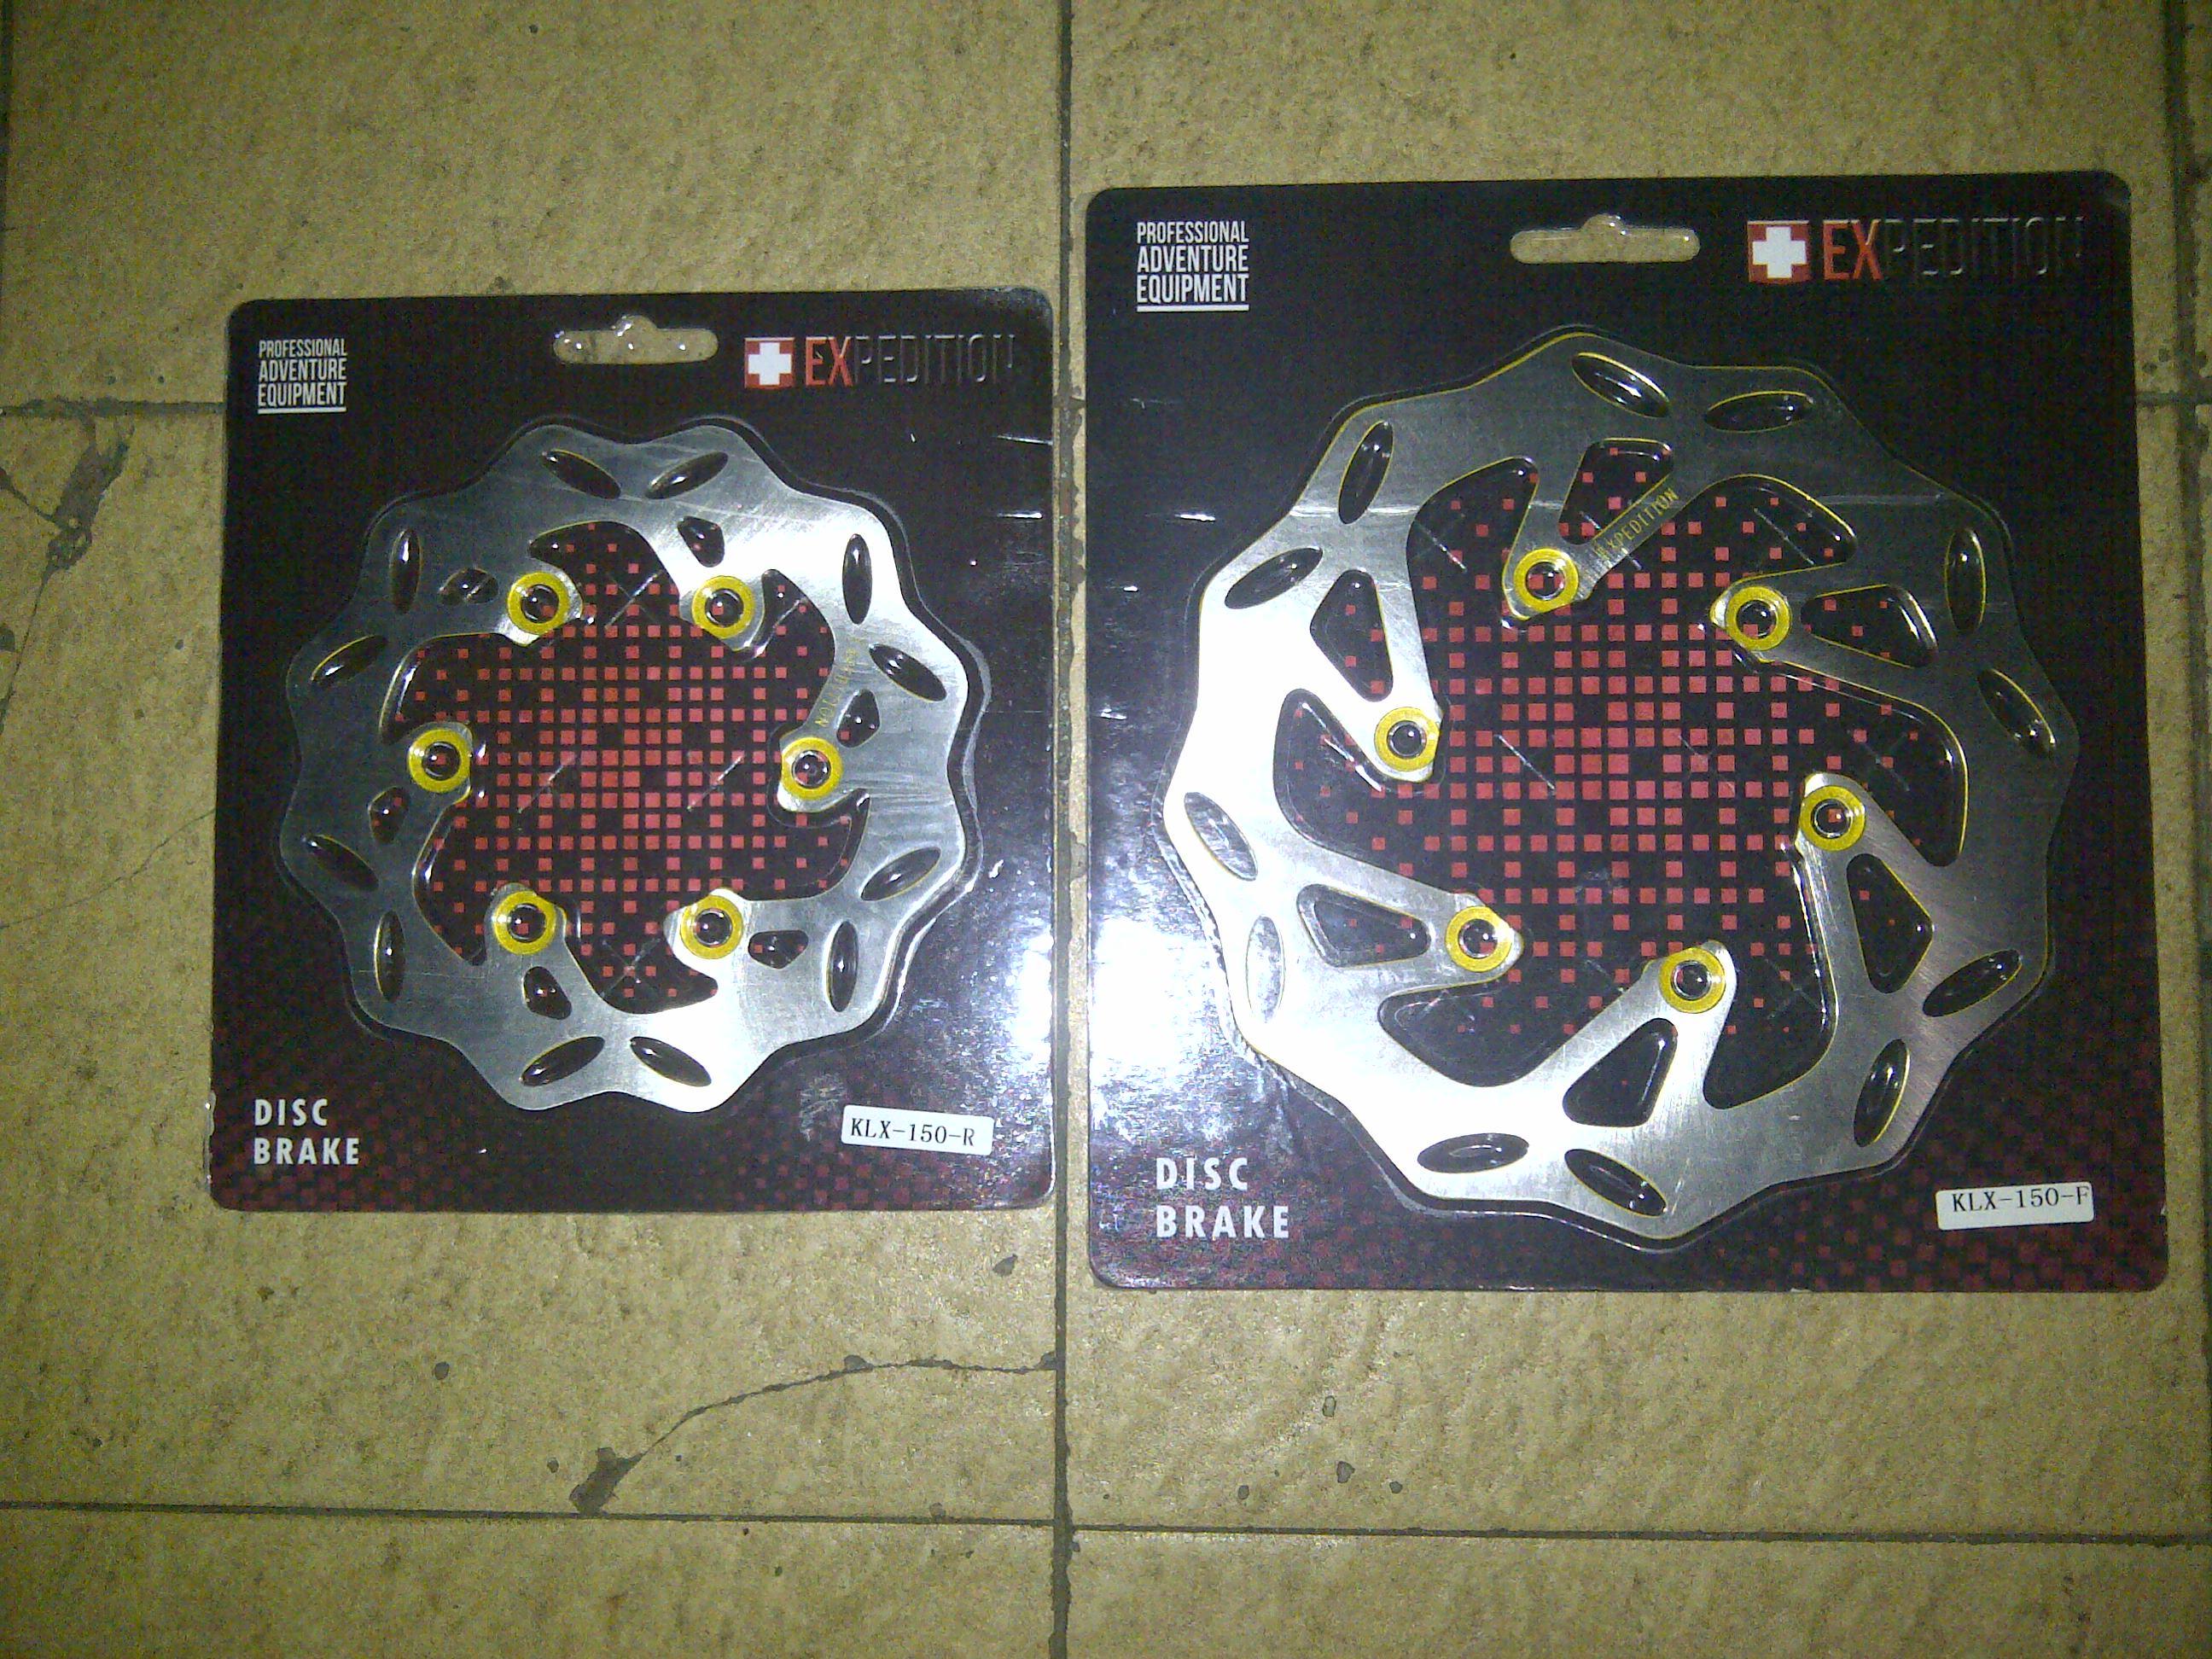 IMG 20140923 00241 piringan CAKRAM/disk depan belakang klx 150/dtracker 150 merk EXPDITION hrg 210rb